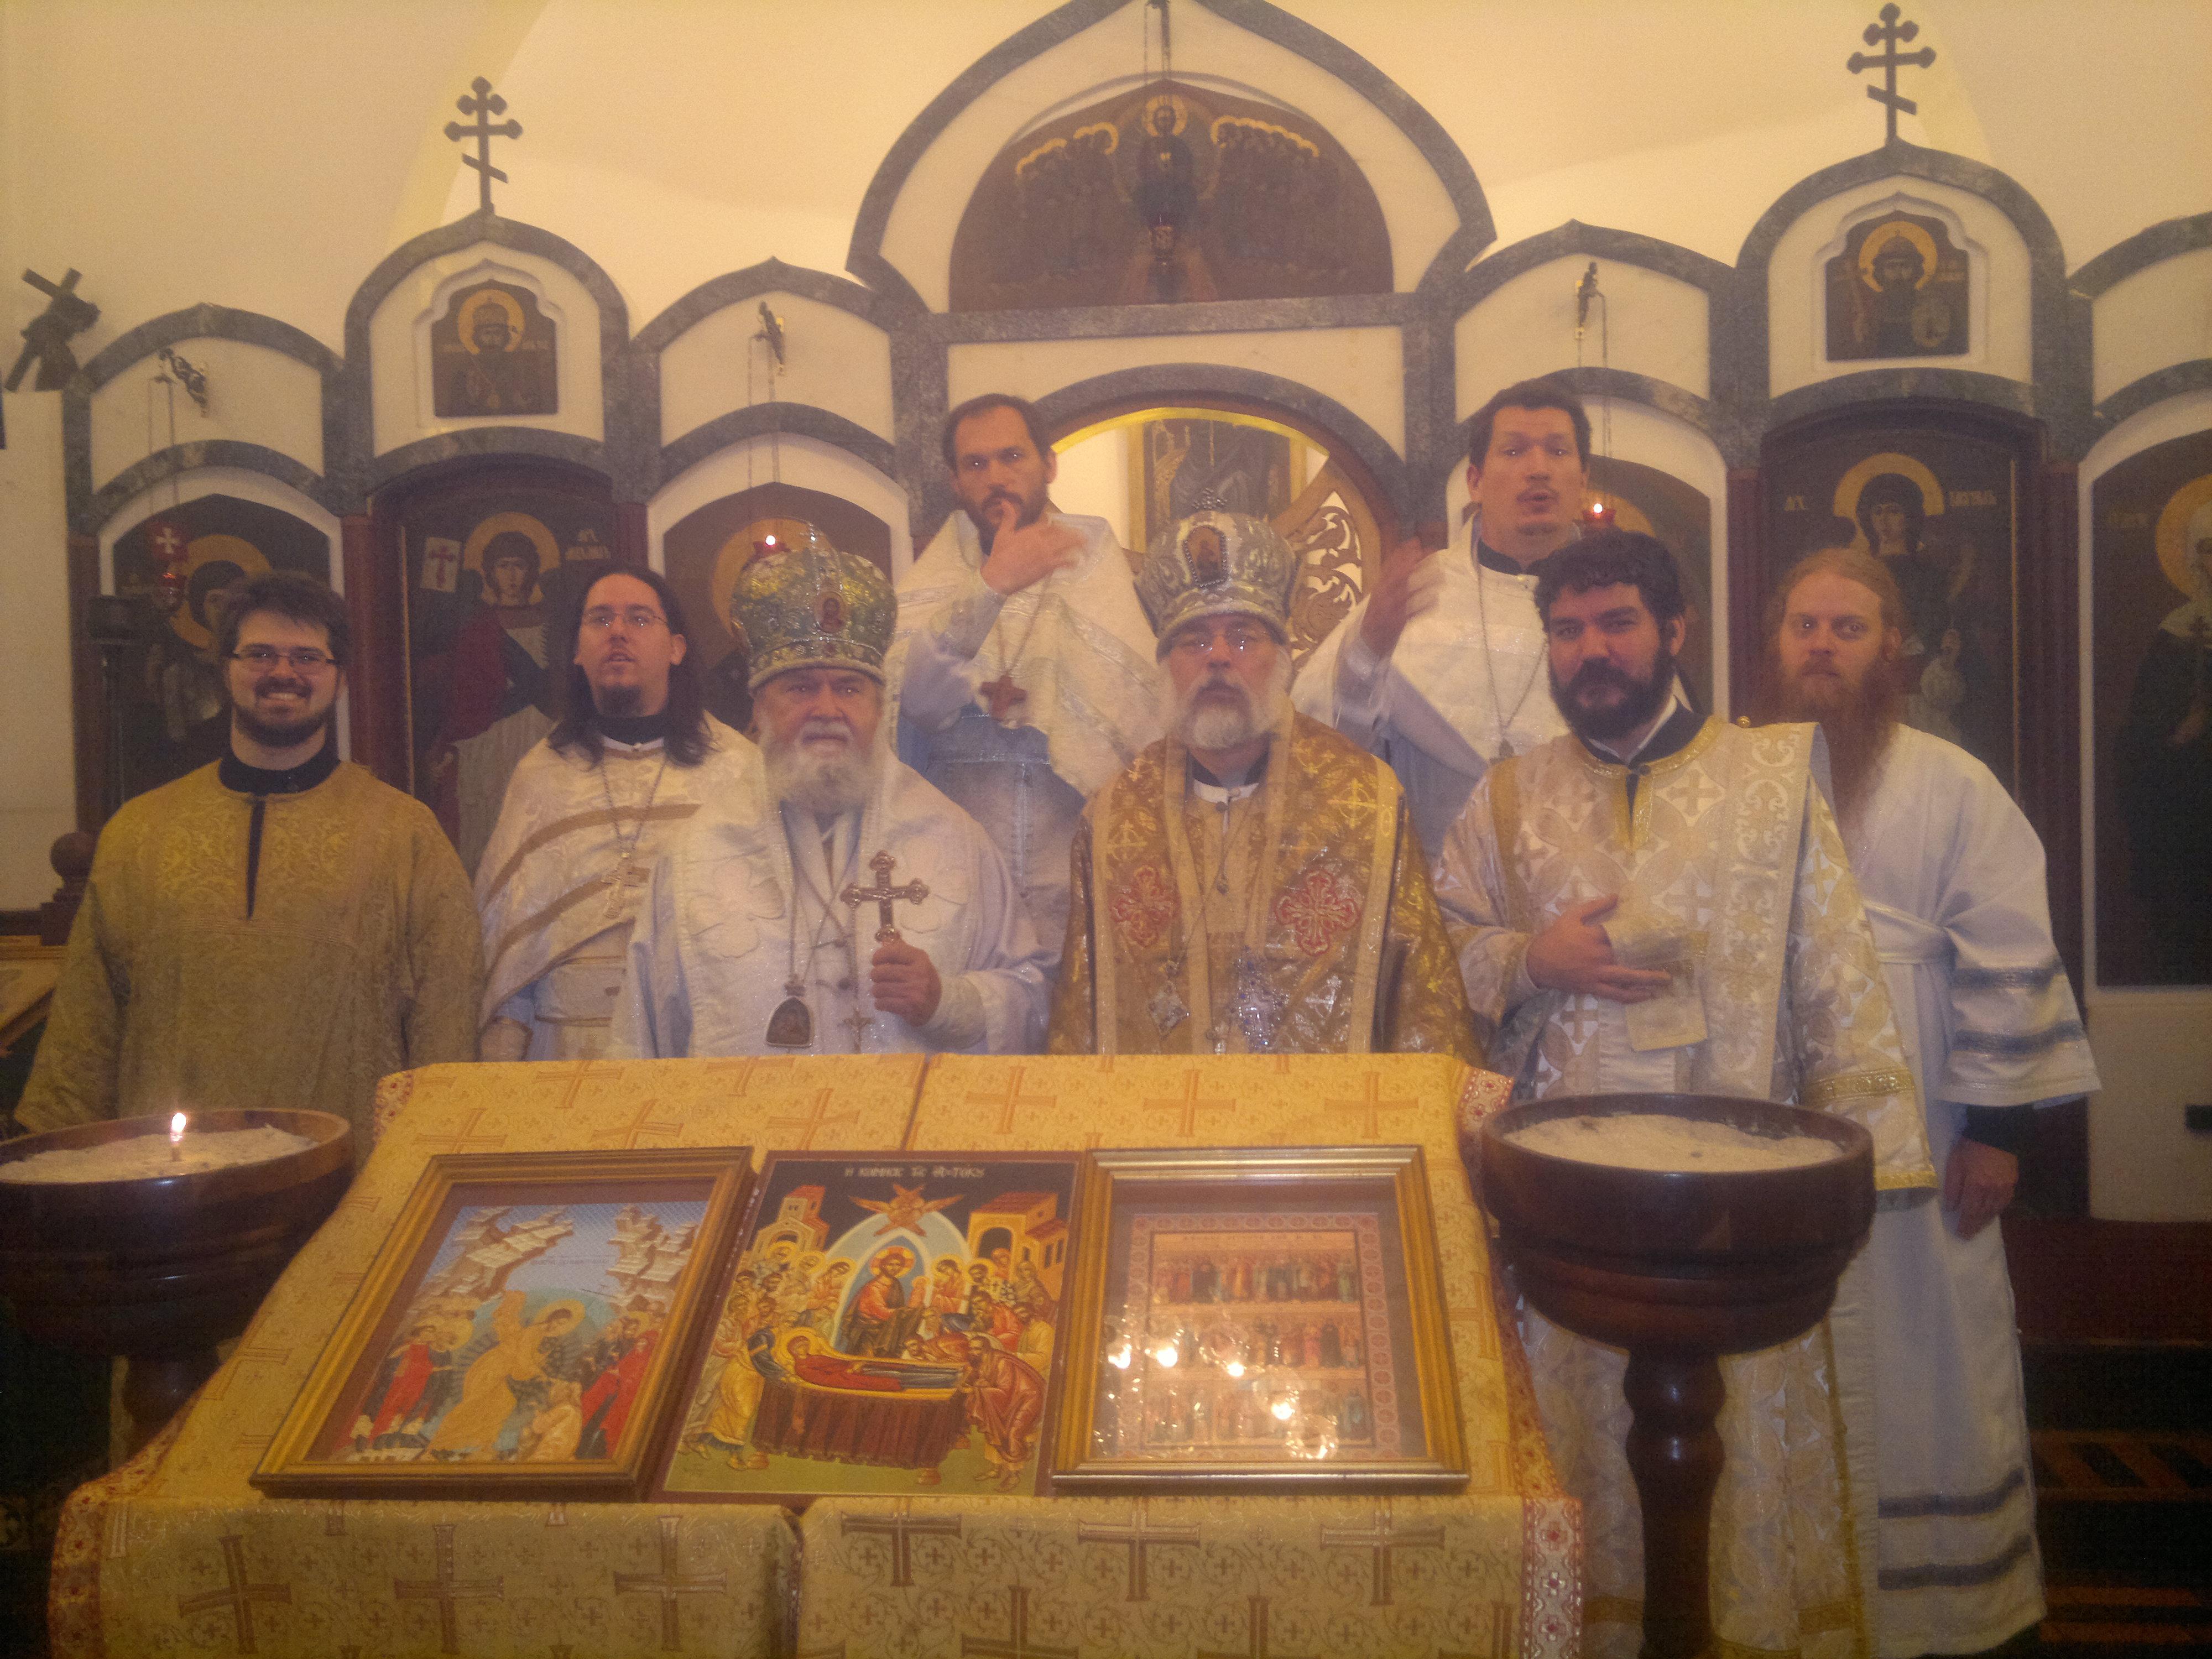 Polish Autocephalous Orthodox Church Metropolita Da Igreja Ortodoxa Russa Despede Se Da Comunidade Da Paróquia De Santa Zenaide No Rio De Janeiro